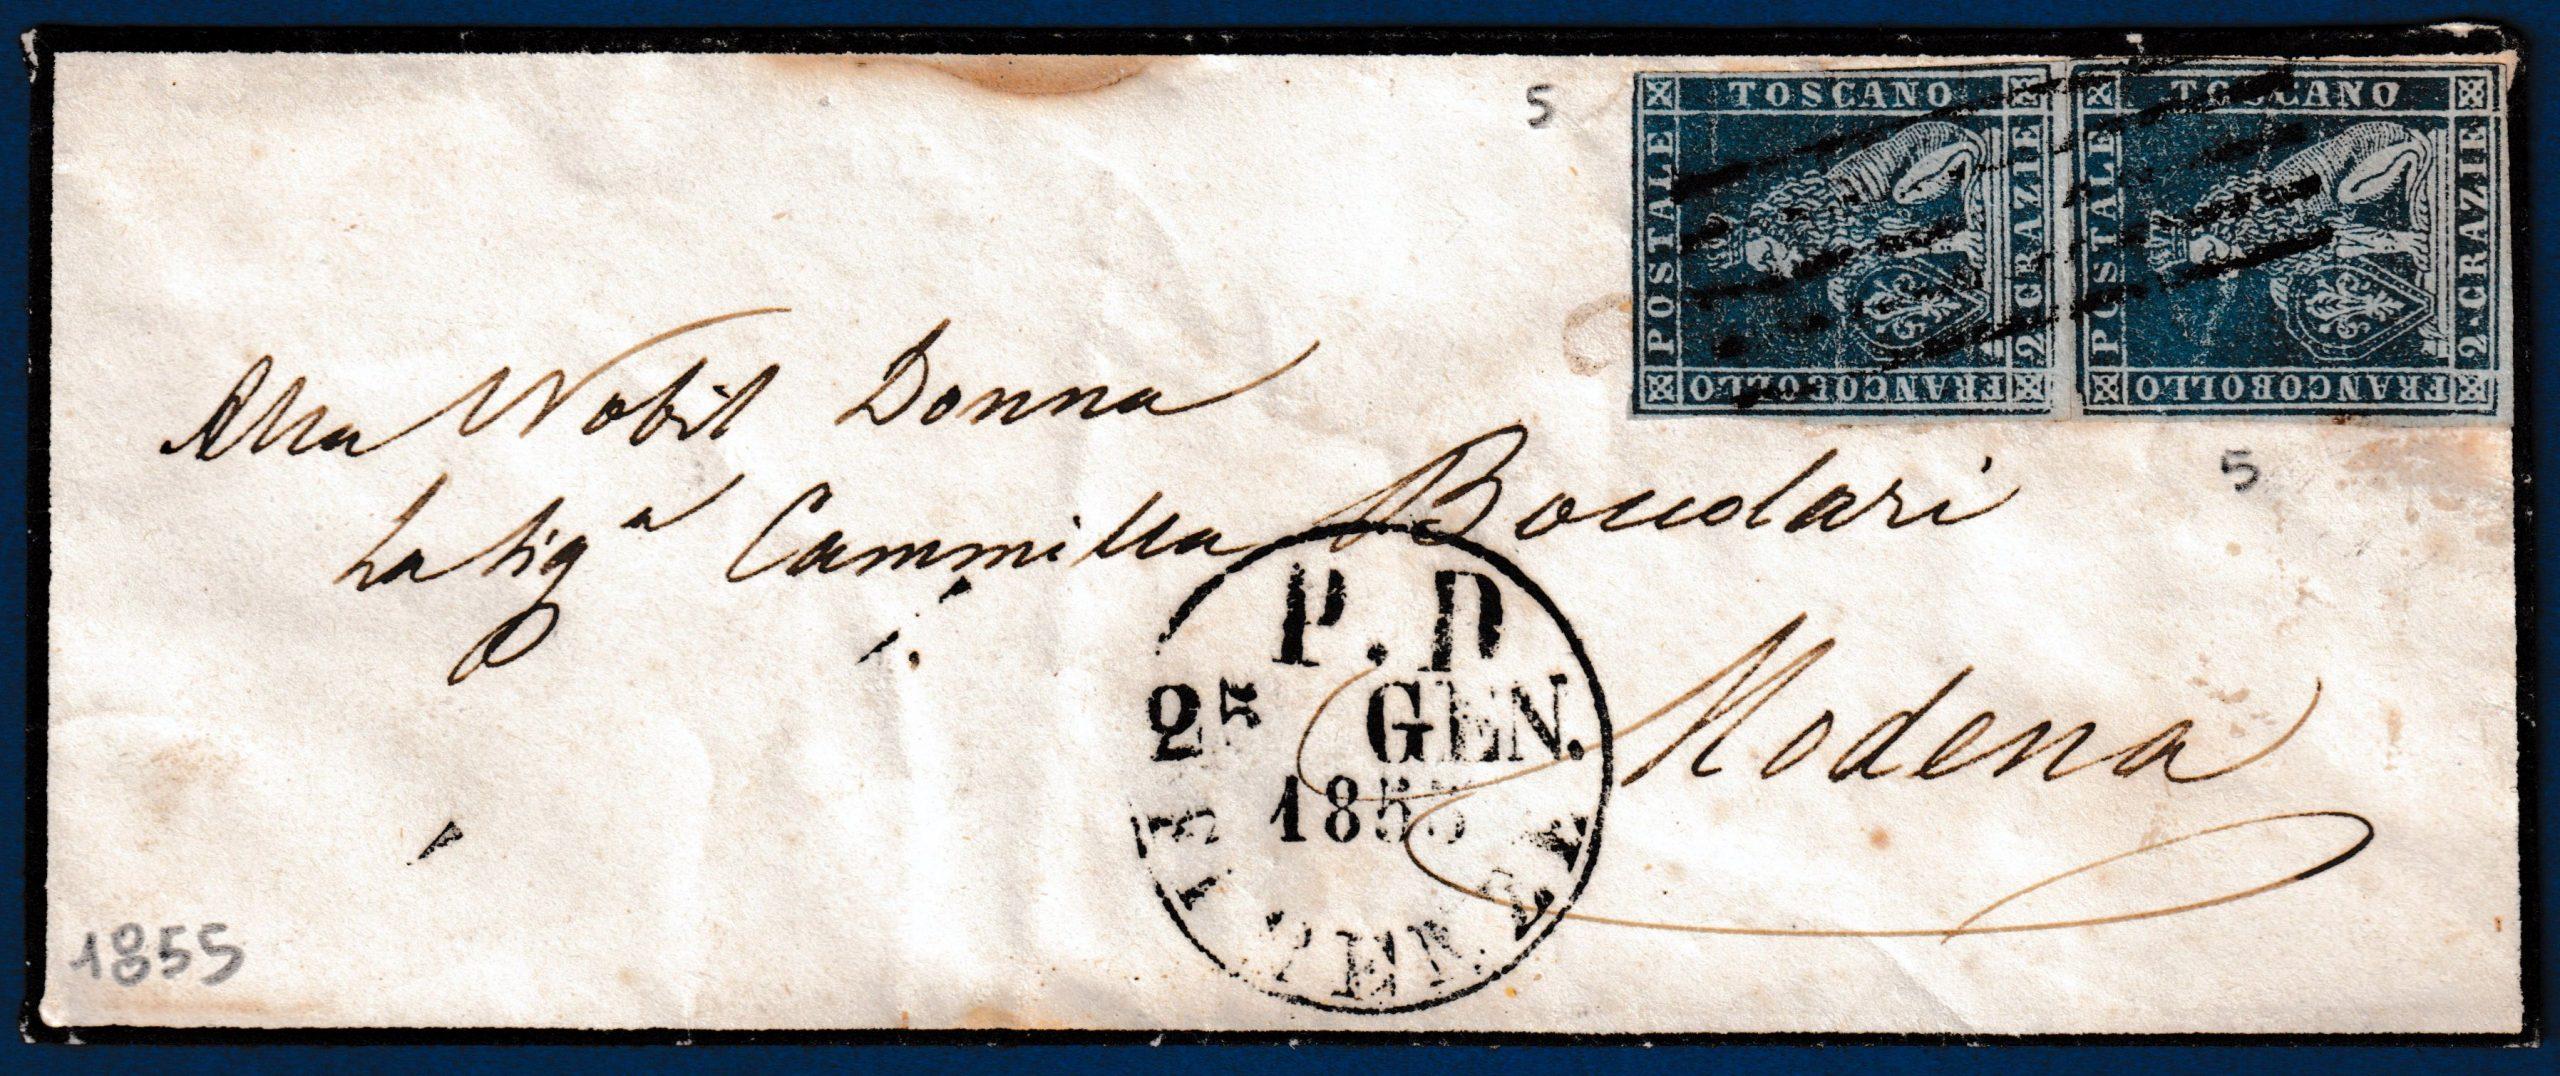 1855 - Toscana - lettera con affrancatura multipla